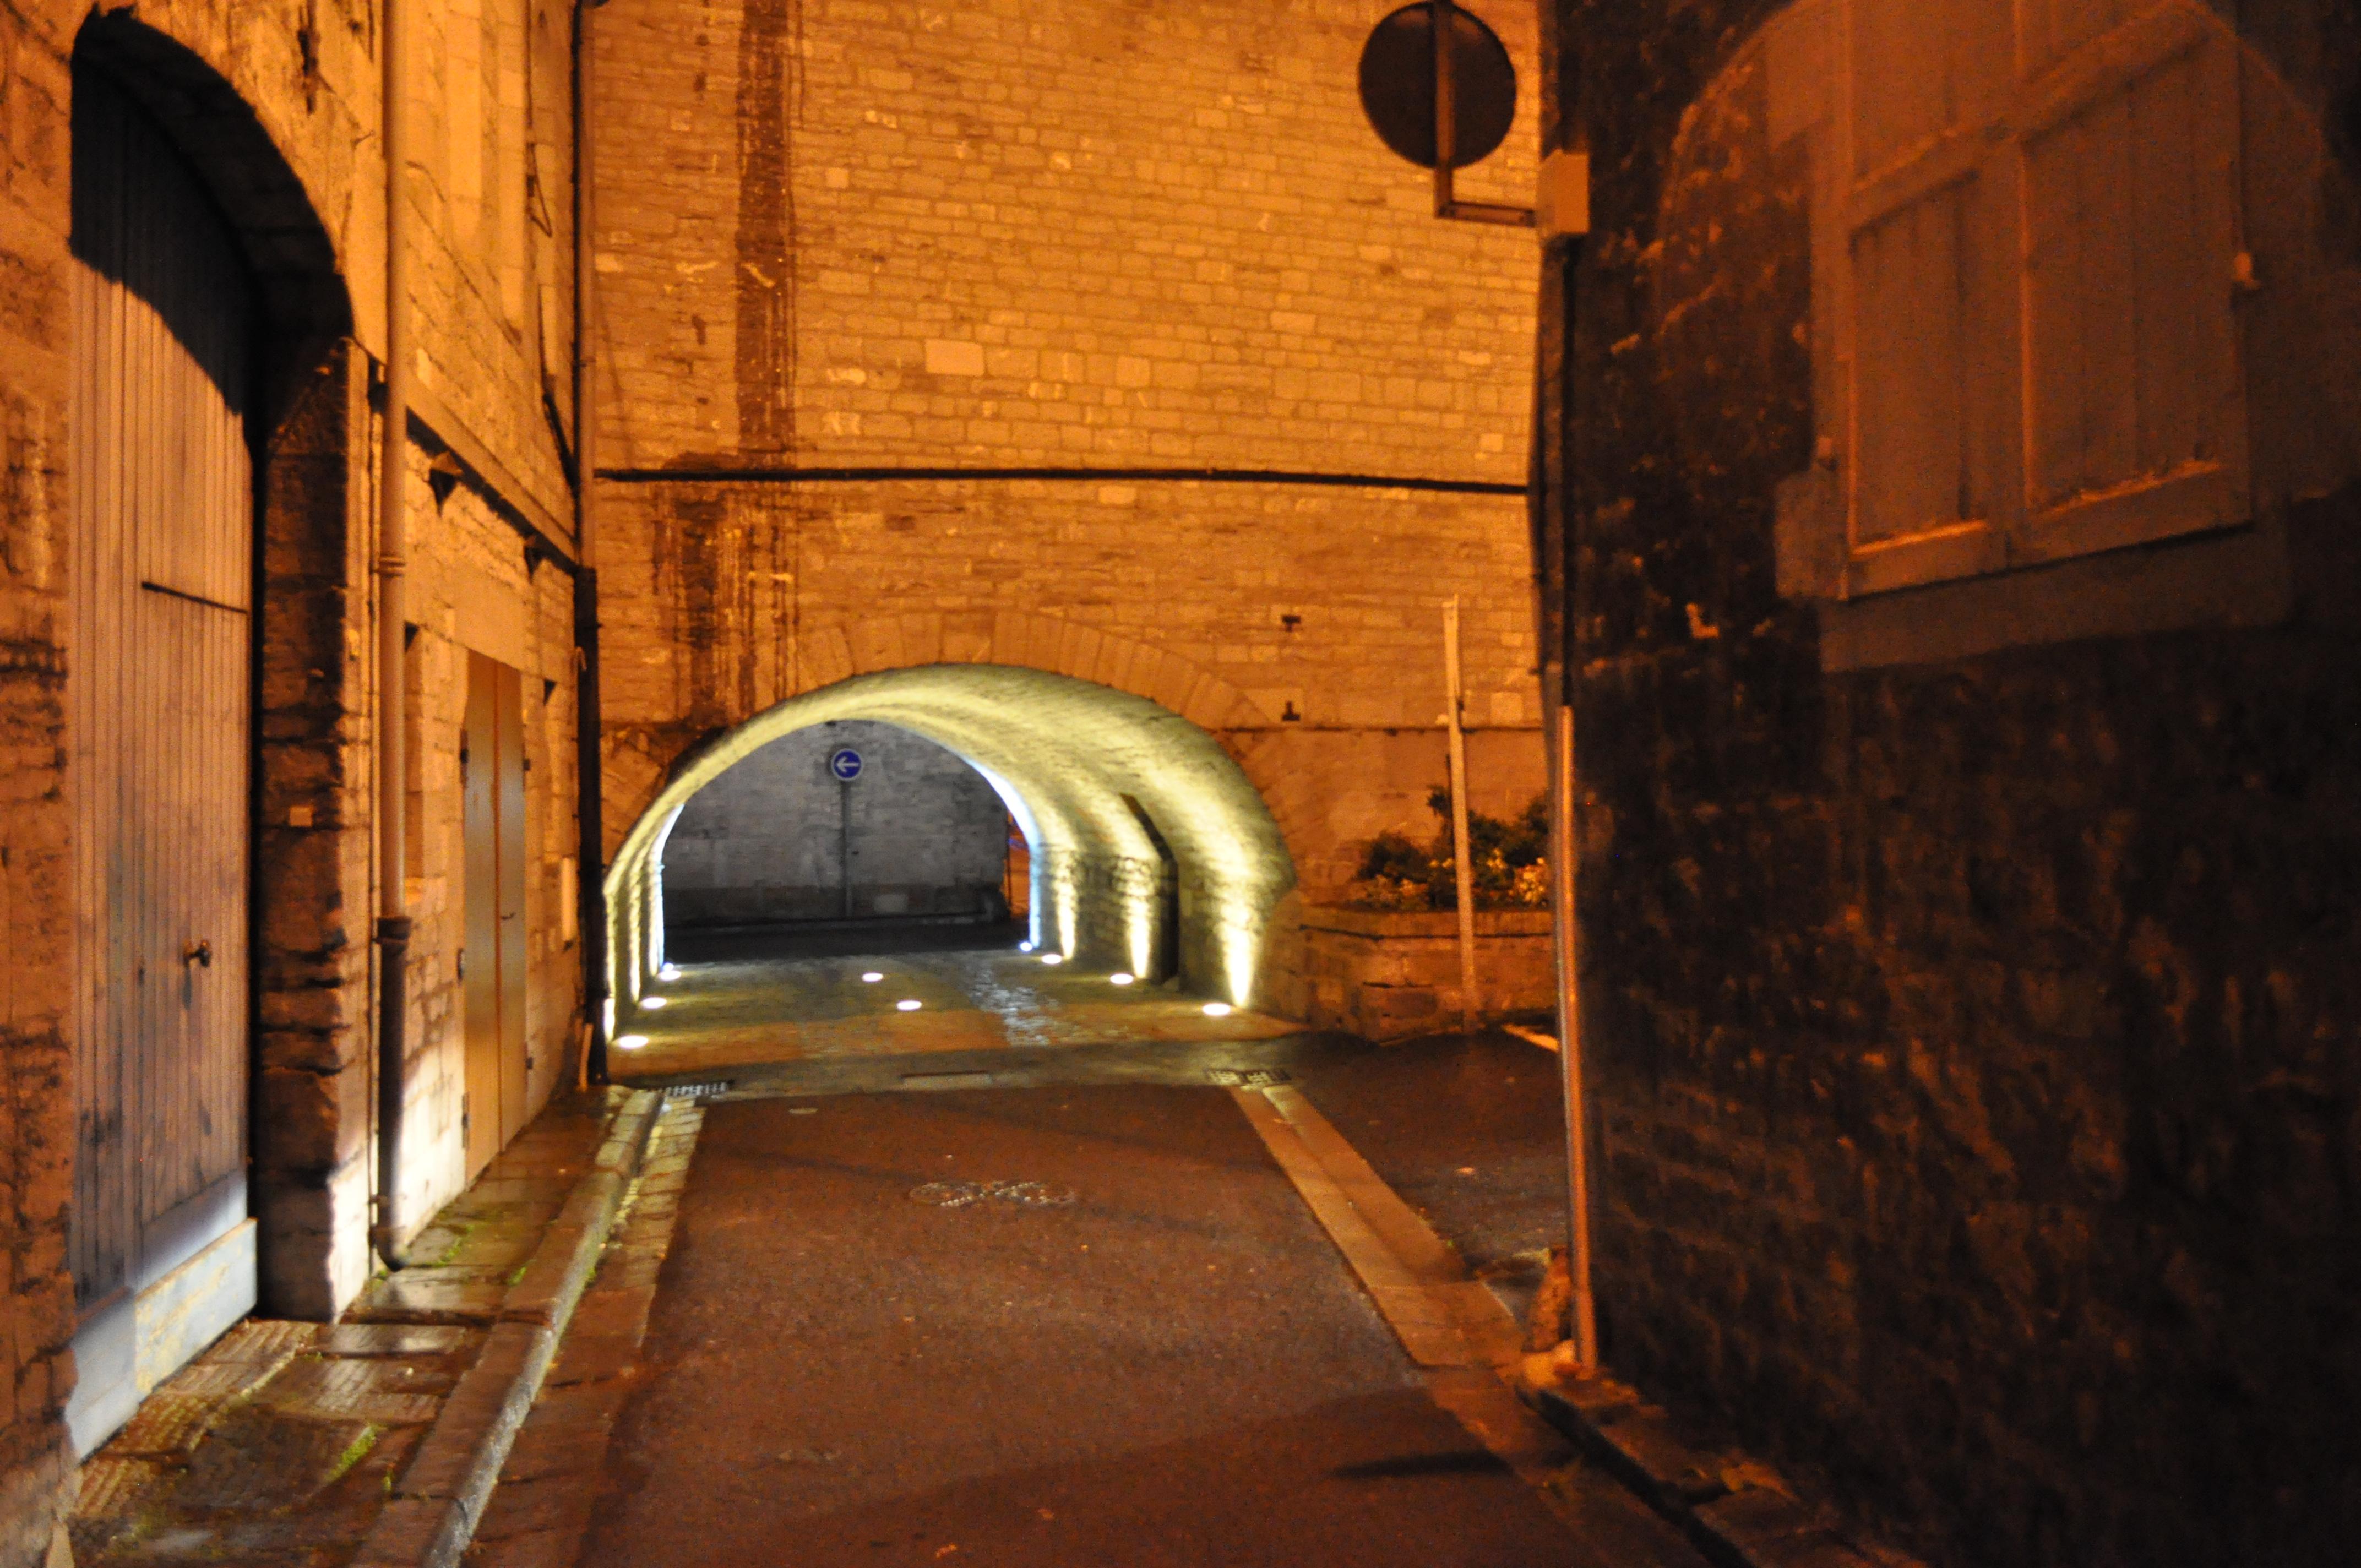 Rue de la Fausse